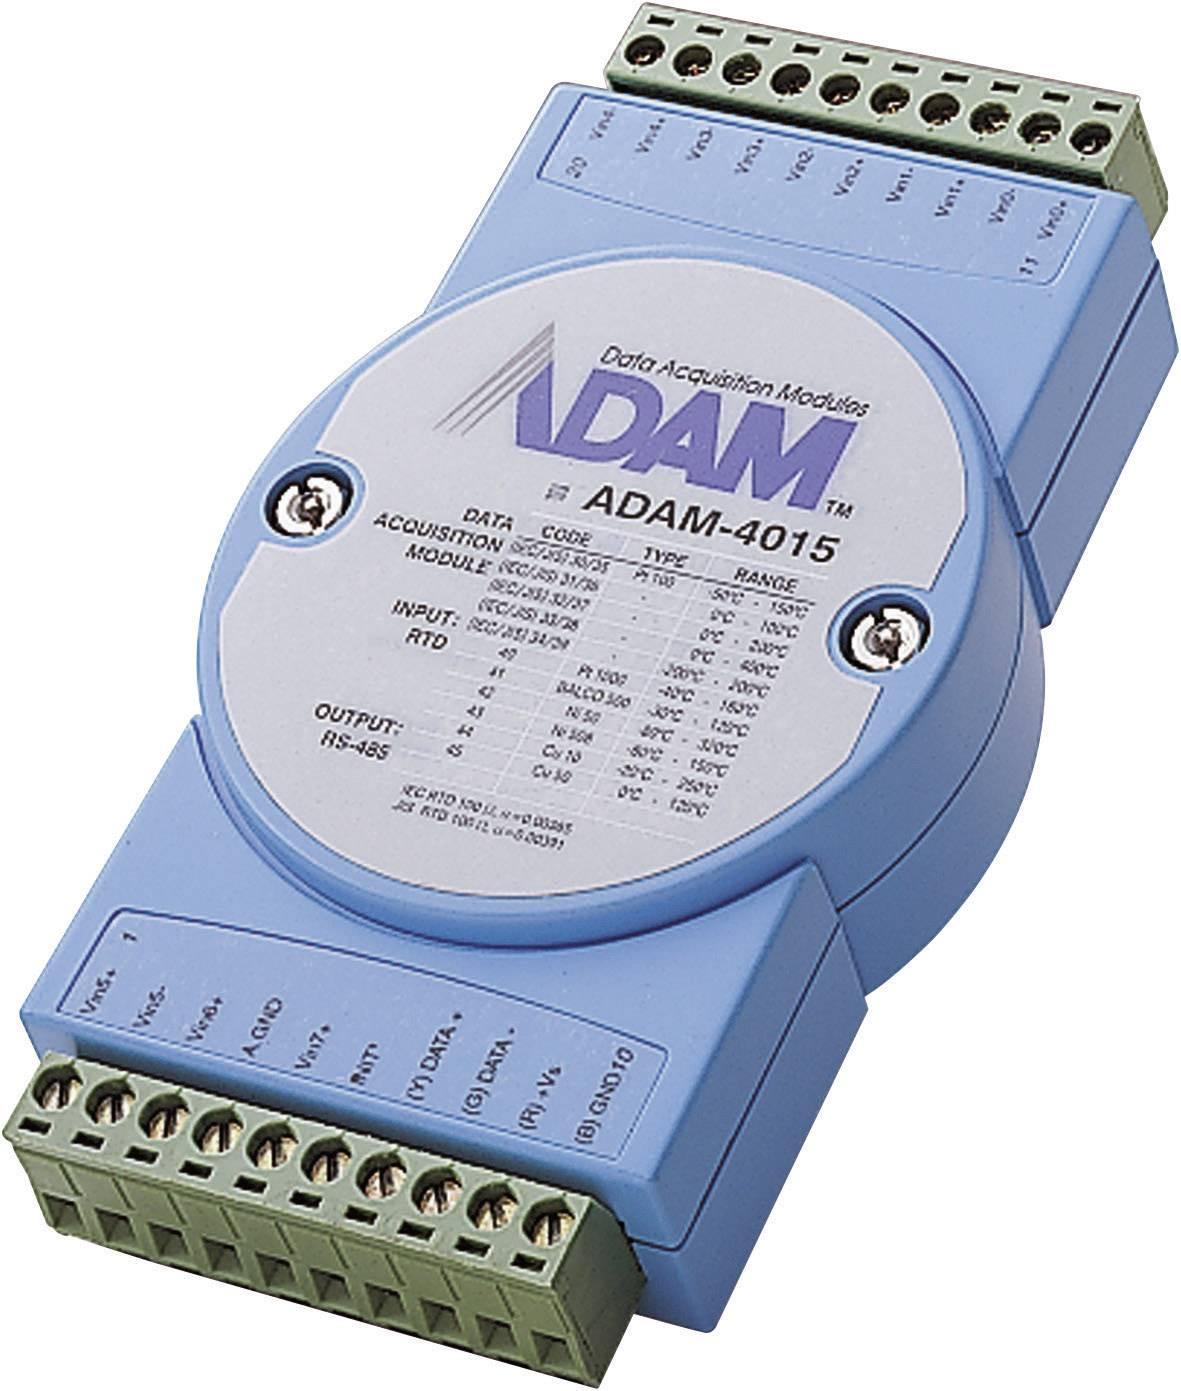 I / O modul Advantech ADAM-4050,Počet vstupov 7 x, Počet výstupov 8 x